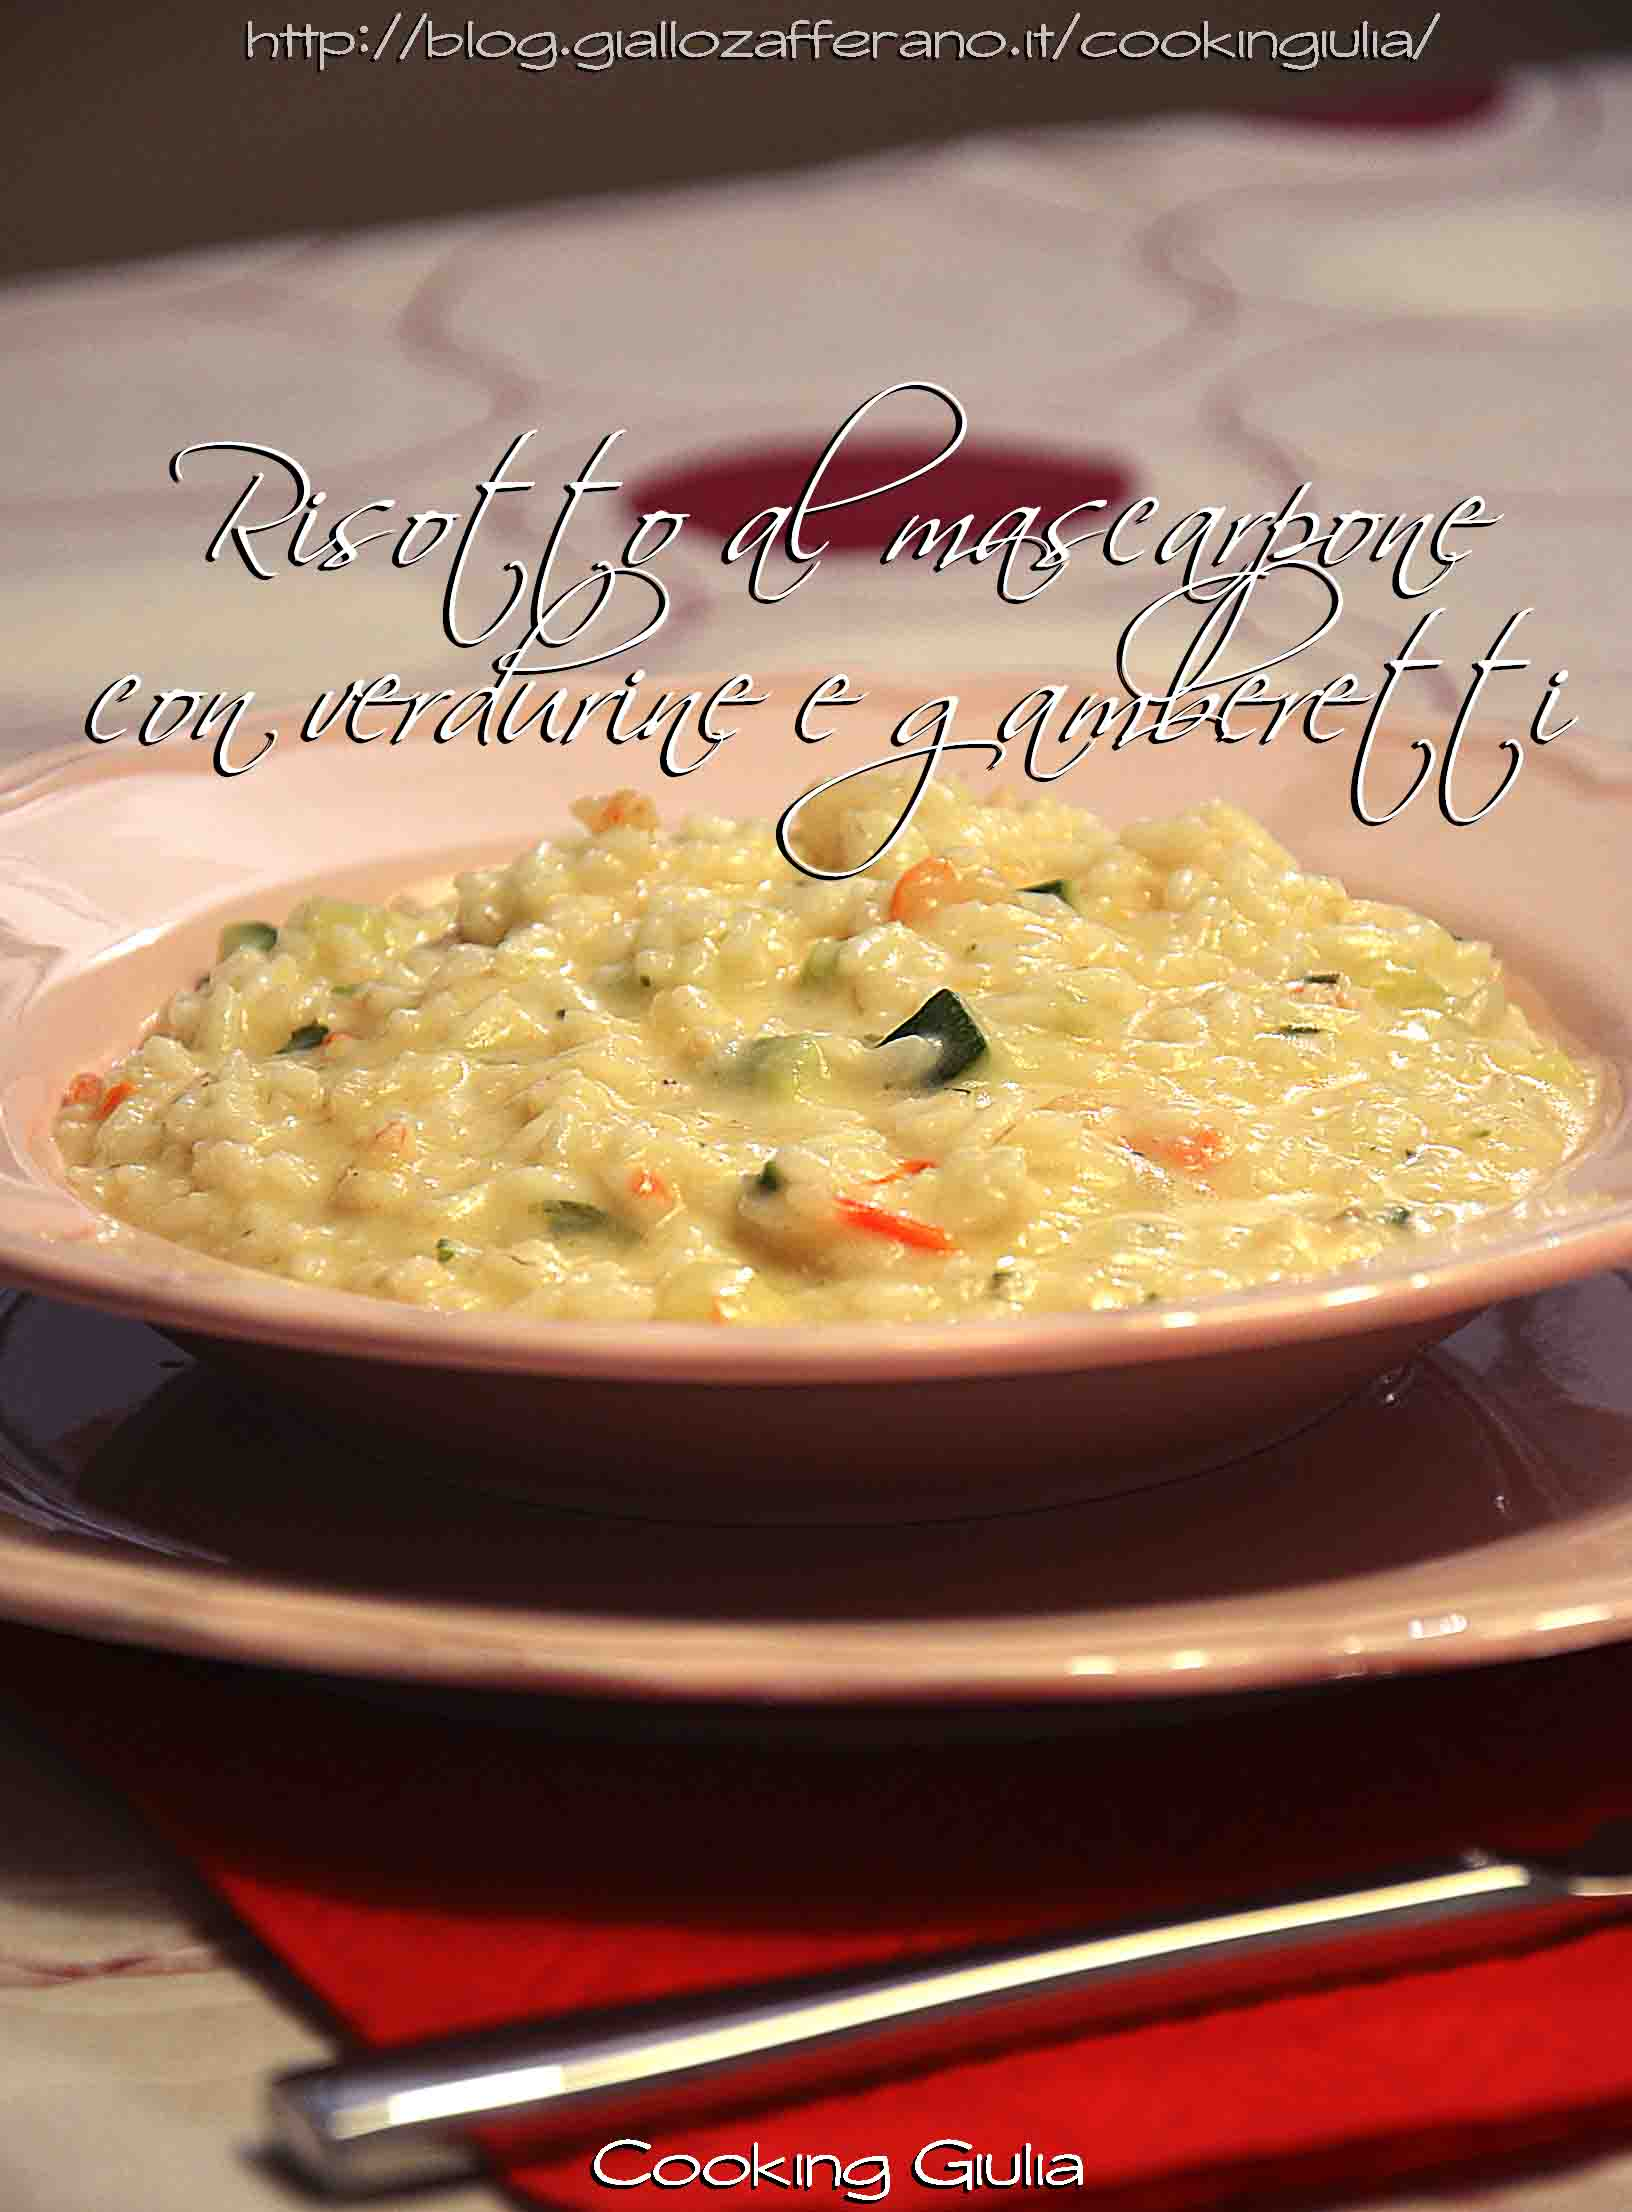 risotto al mascarpone   gamberetti   verdurine